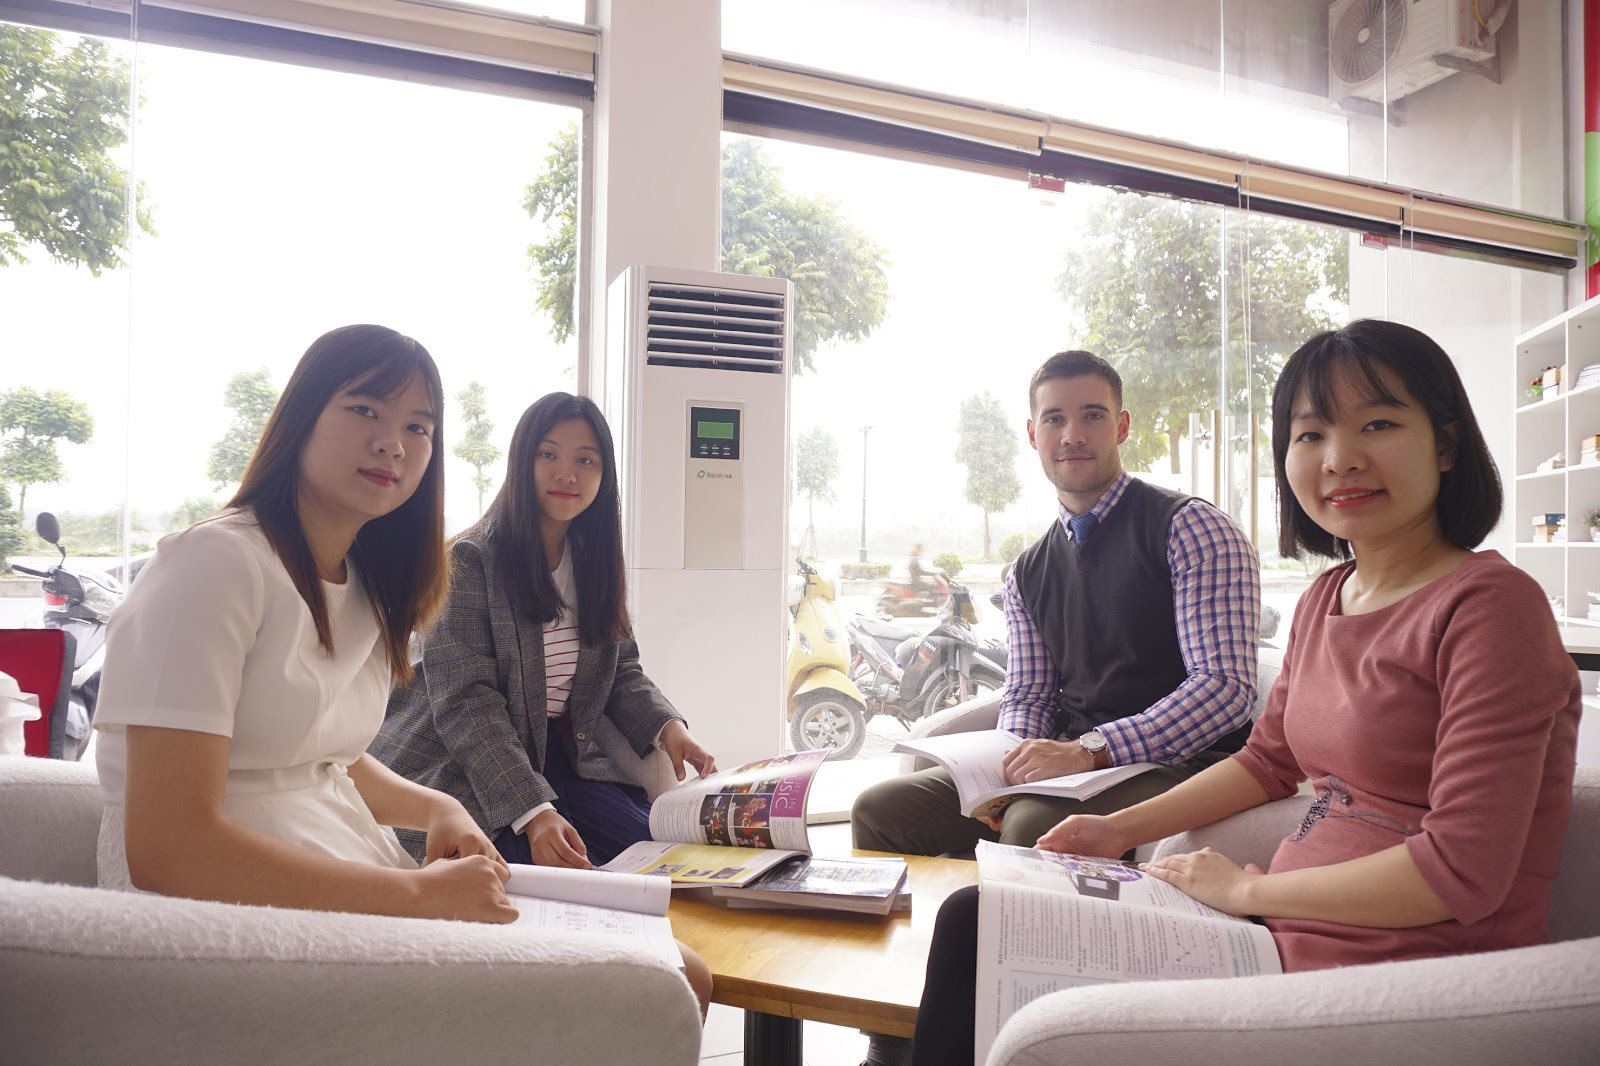 Trải nghiệm một ngày học IELTS tại Universal Language Center - Ảnh 2